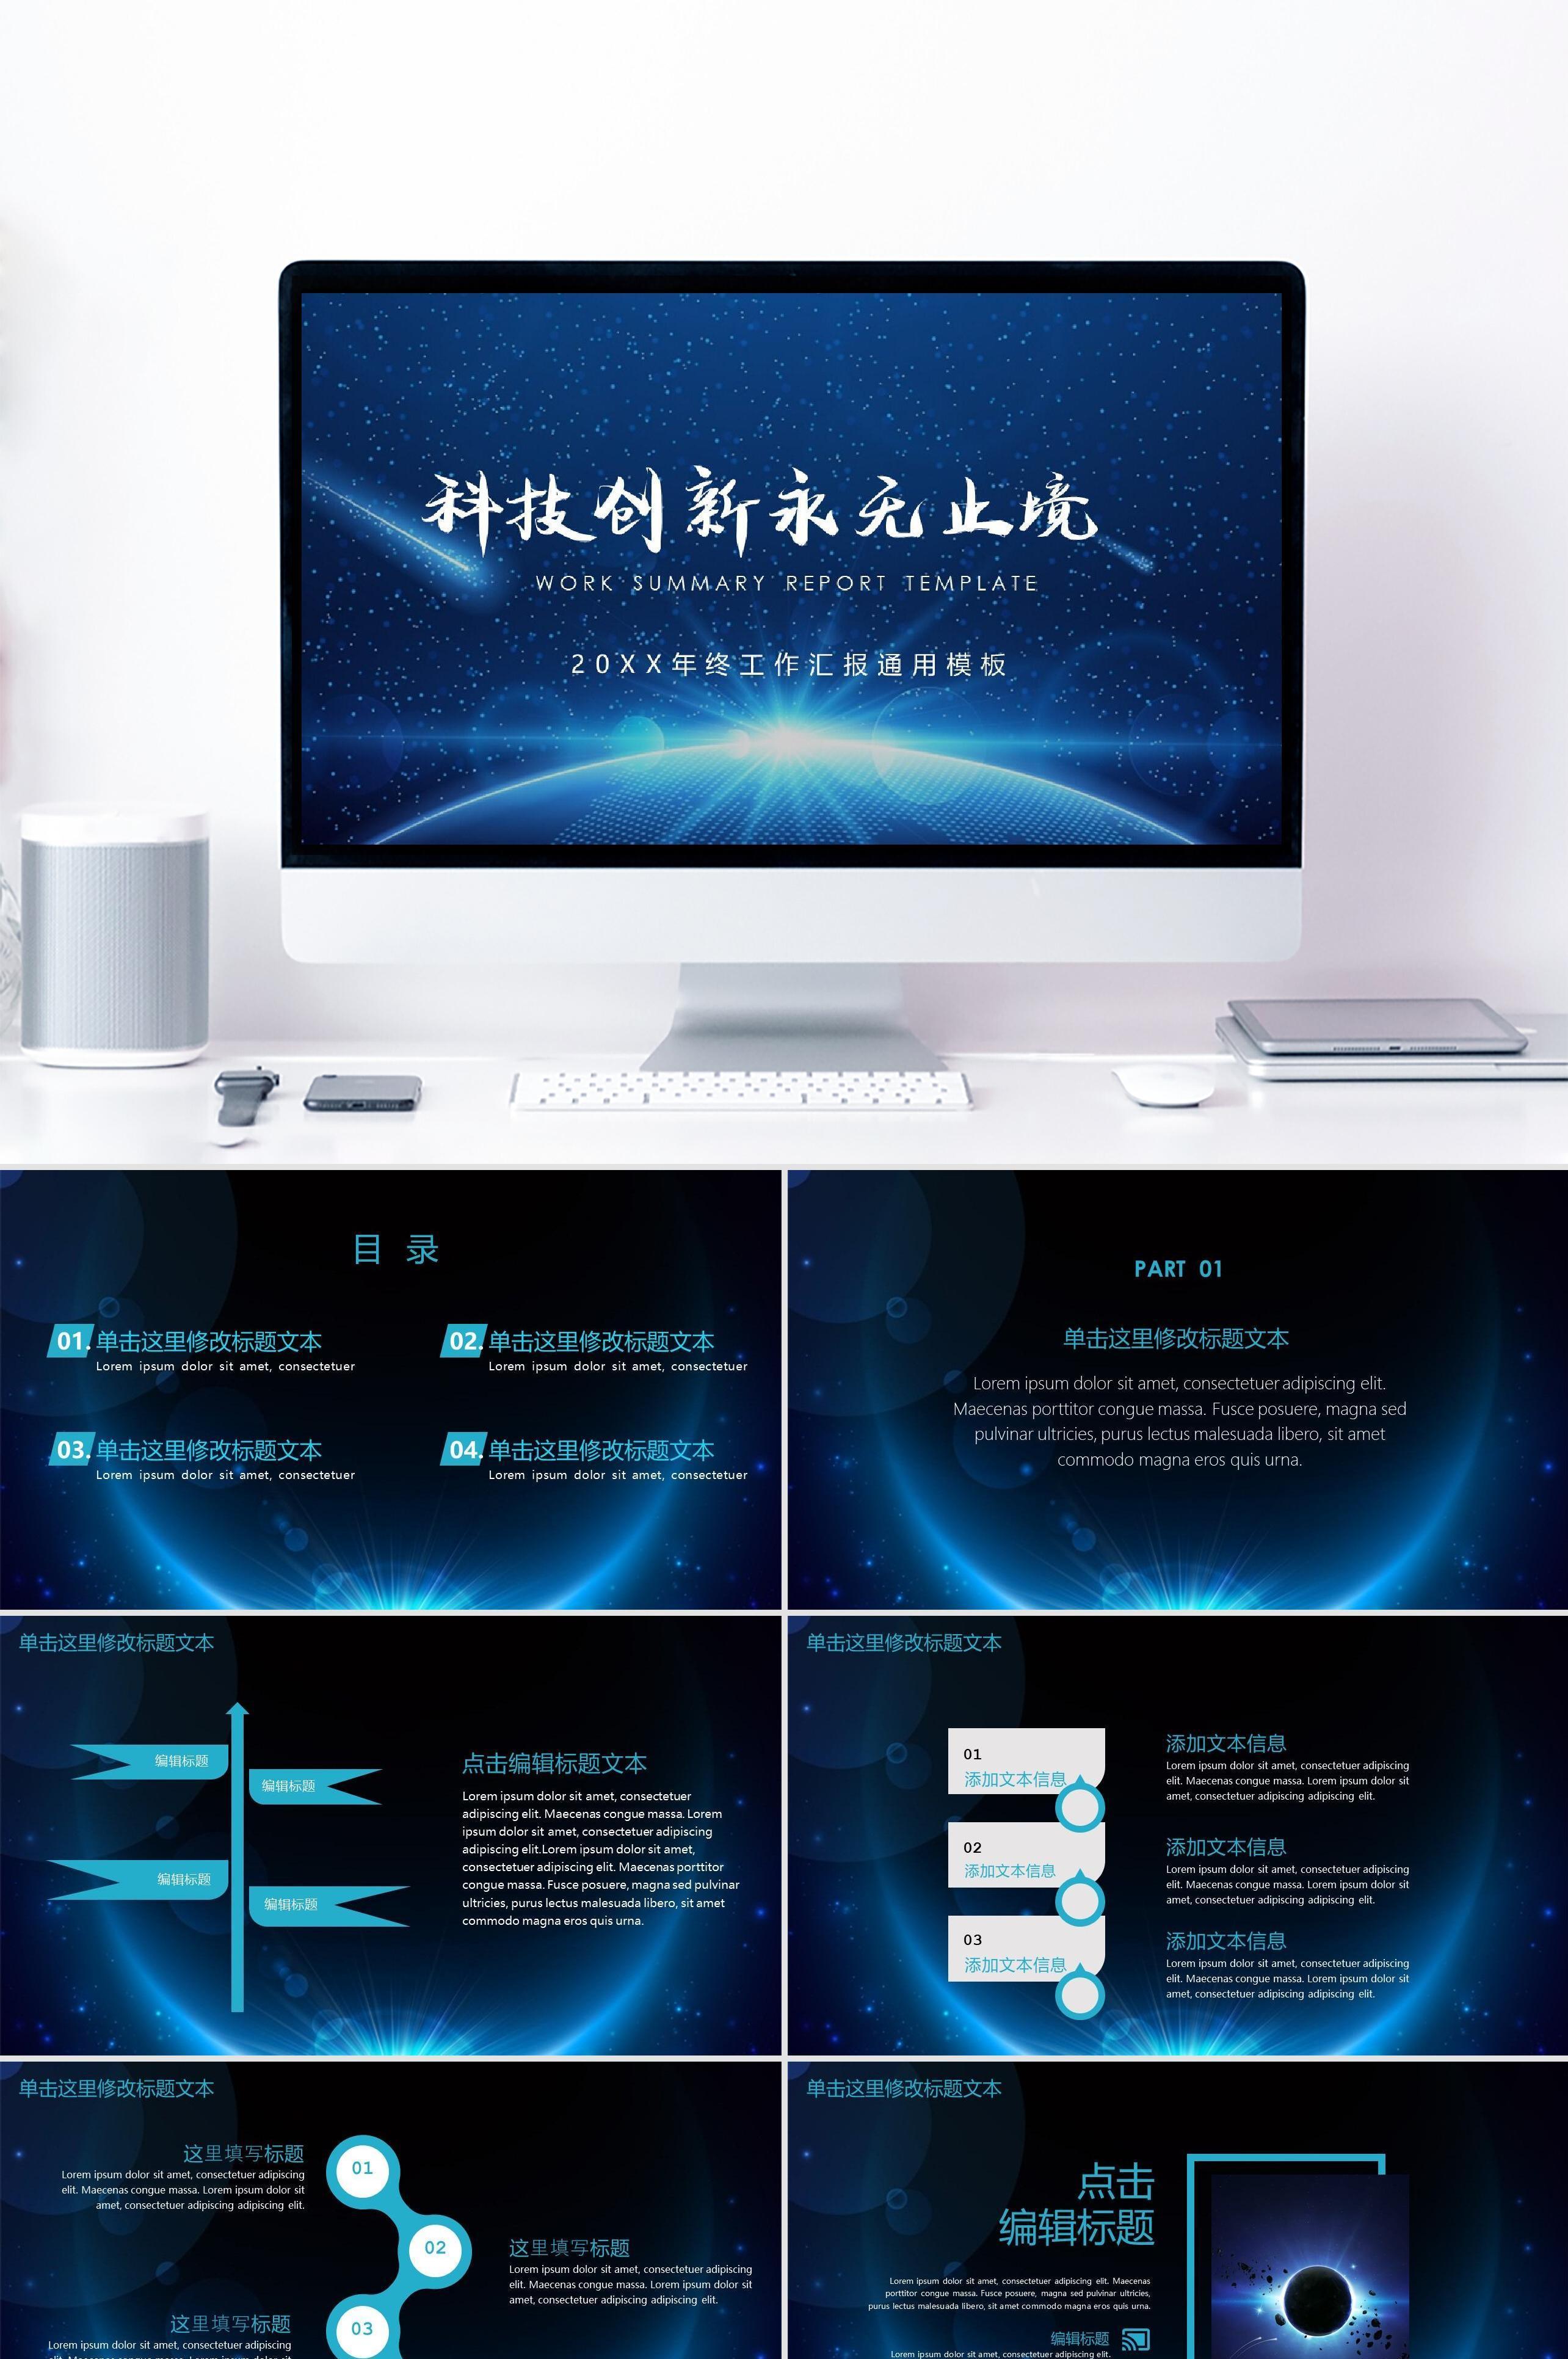 蓝色科技风商业产品发布会工作总结